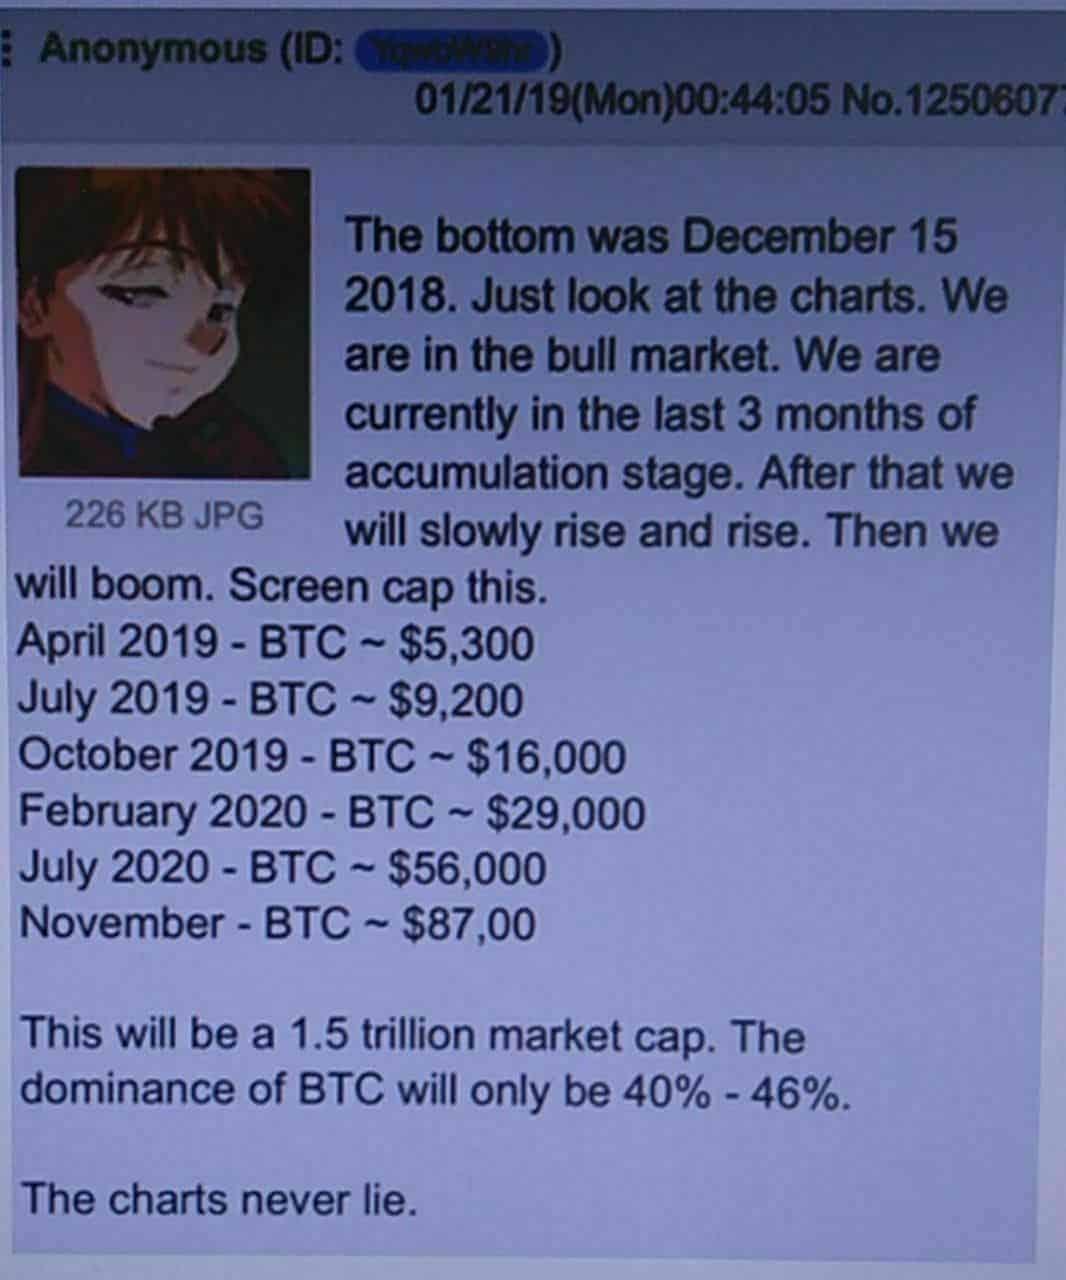 anonymní predikce - bitcointalk